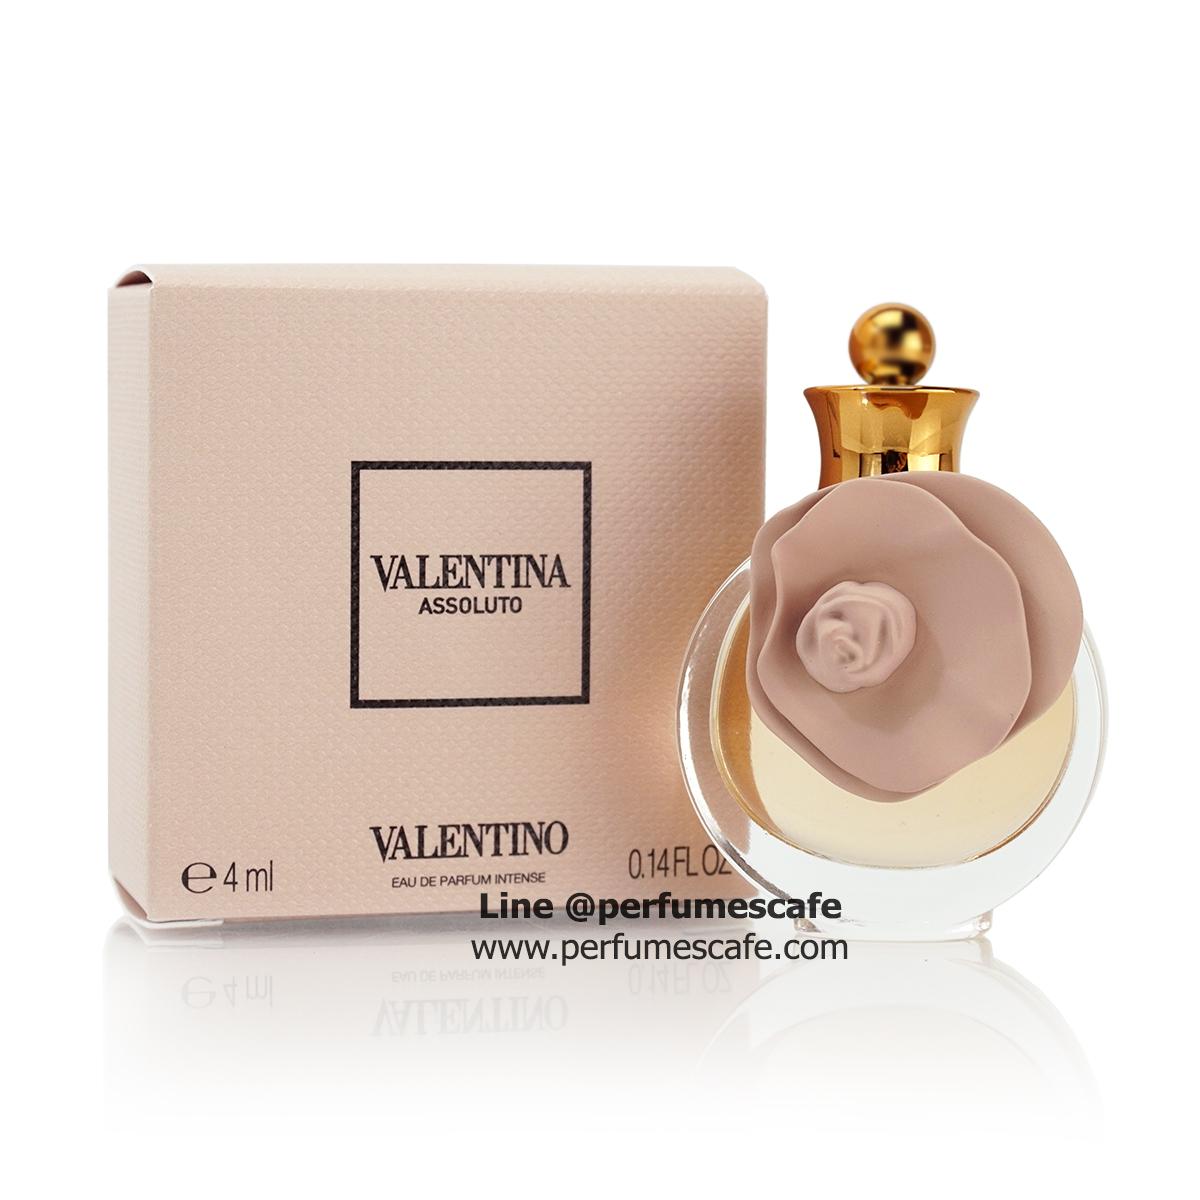 น้ำหอม Valentina Absoluto Intense ขนาด 4ml แบบแต้ม พร้อมกล่อง